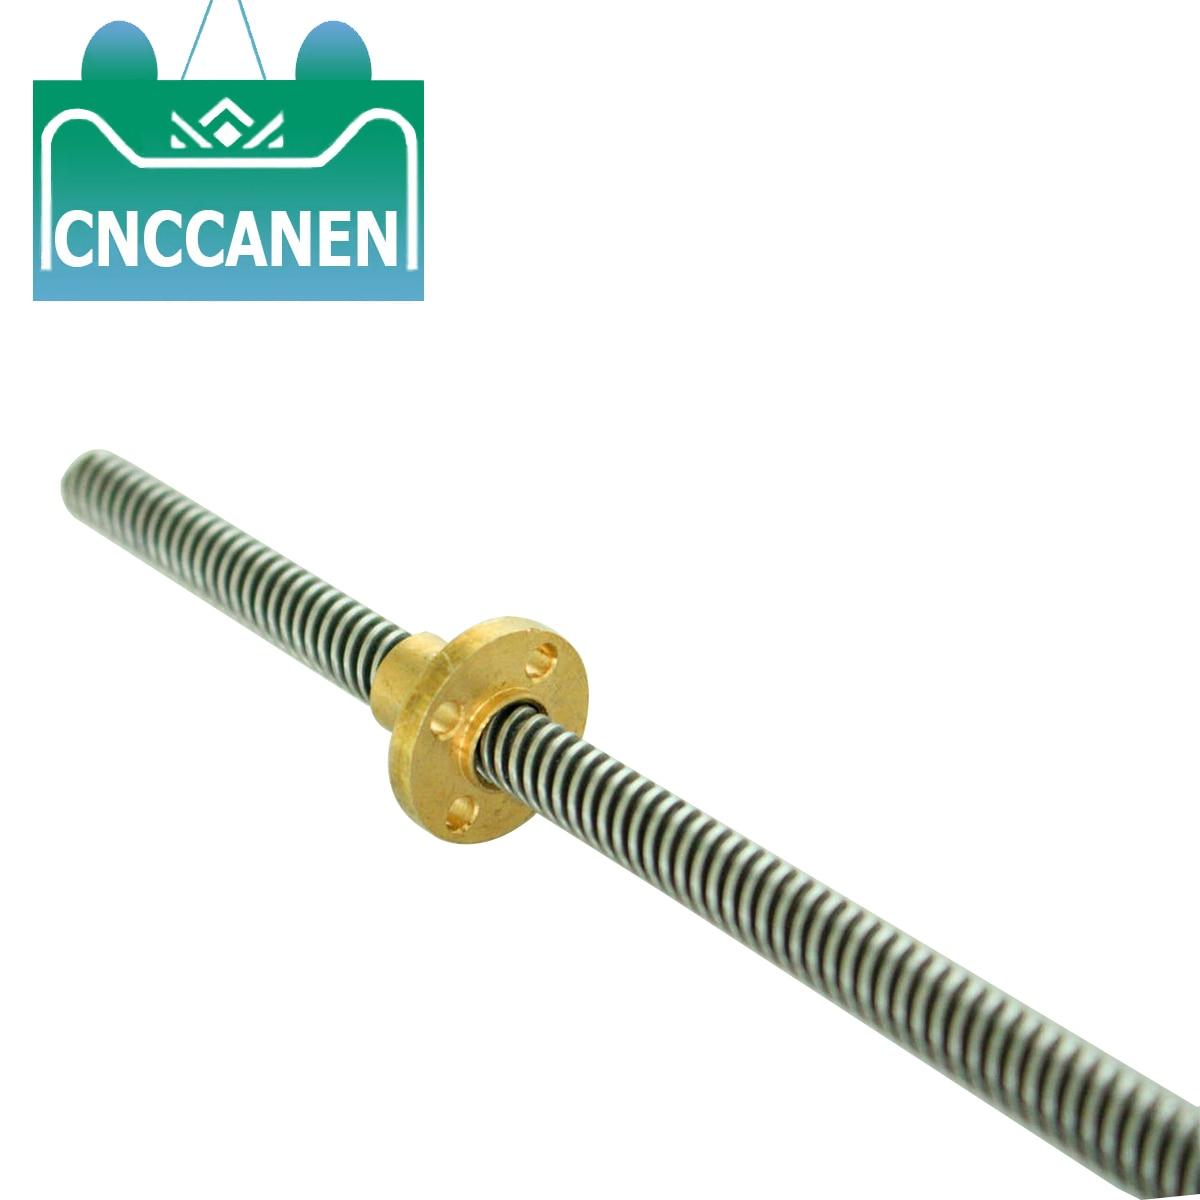 T6 Lead Screw 3D Printer 100mm~1000mm Picth 1mm Lead 1mm + Brass Nut